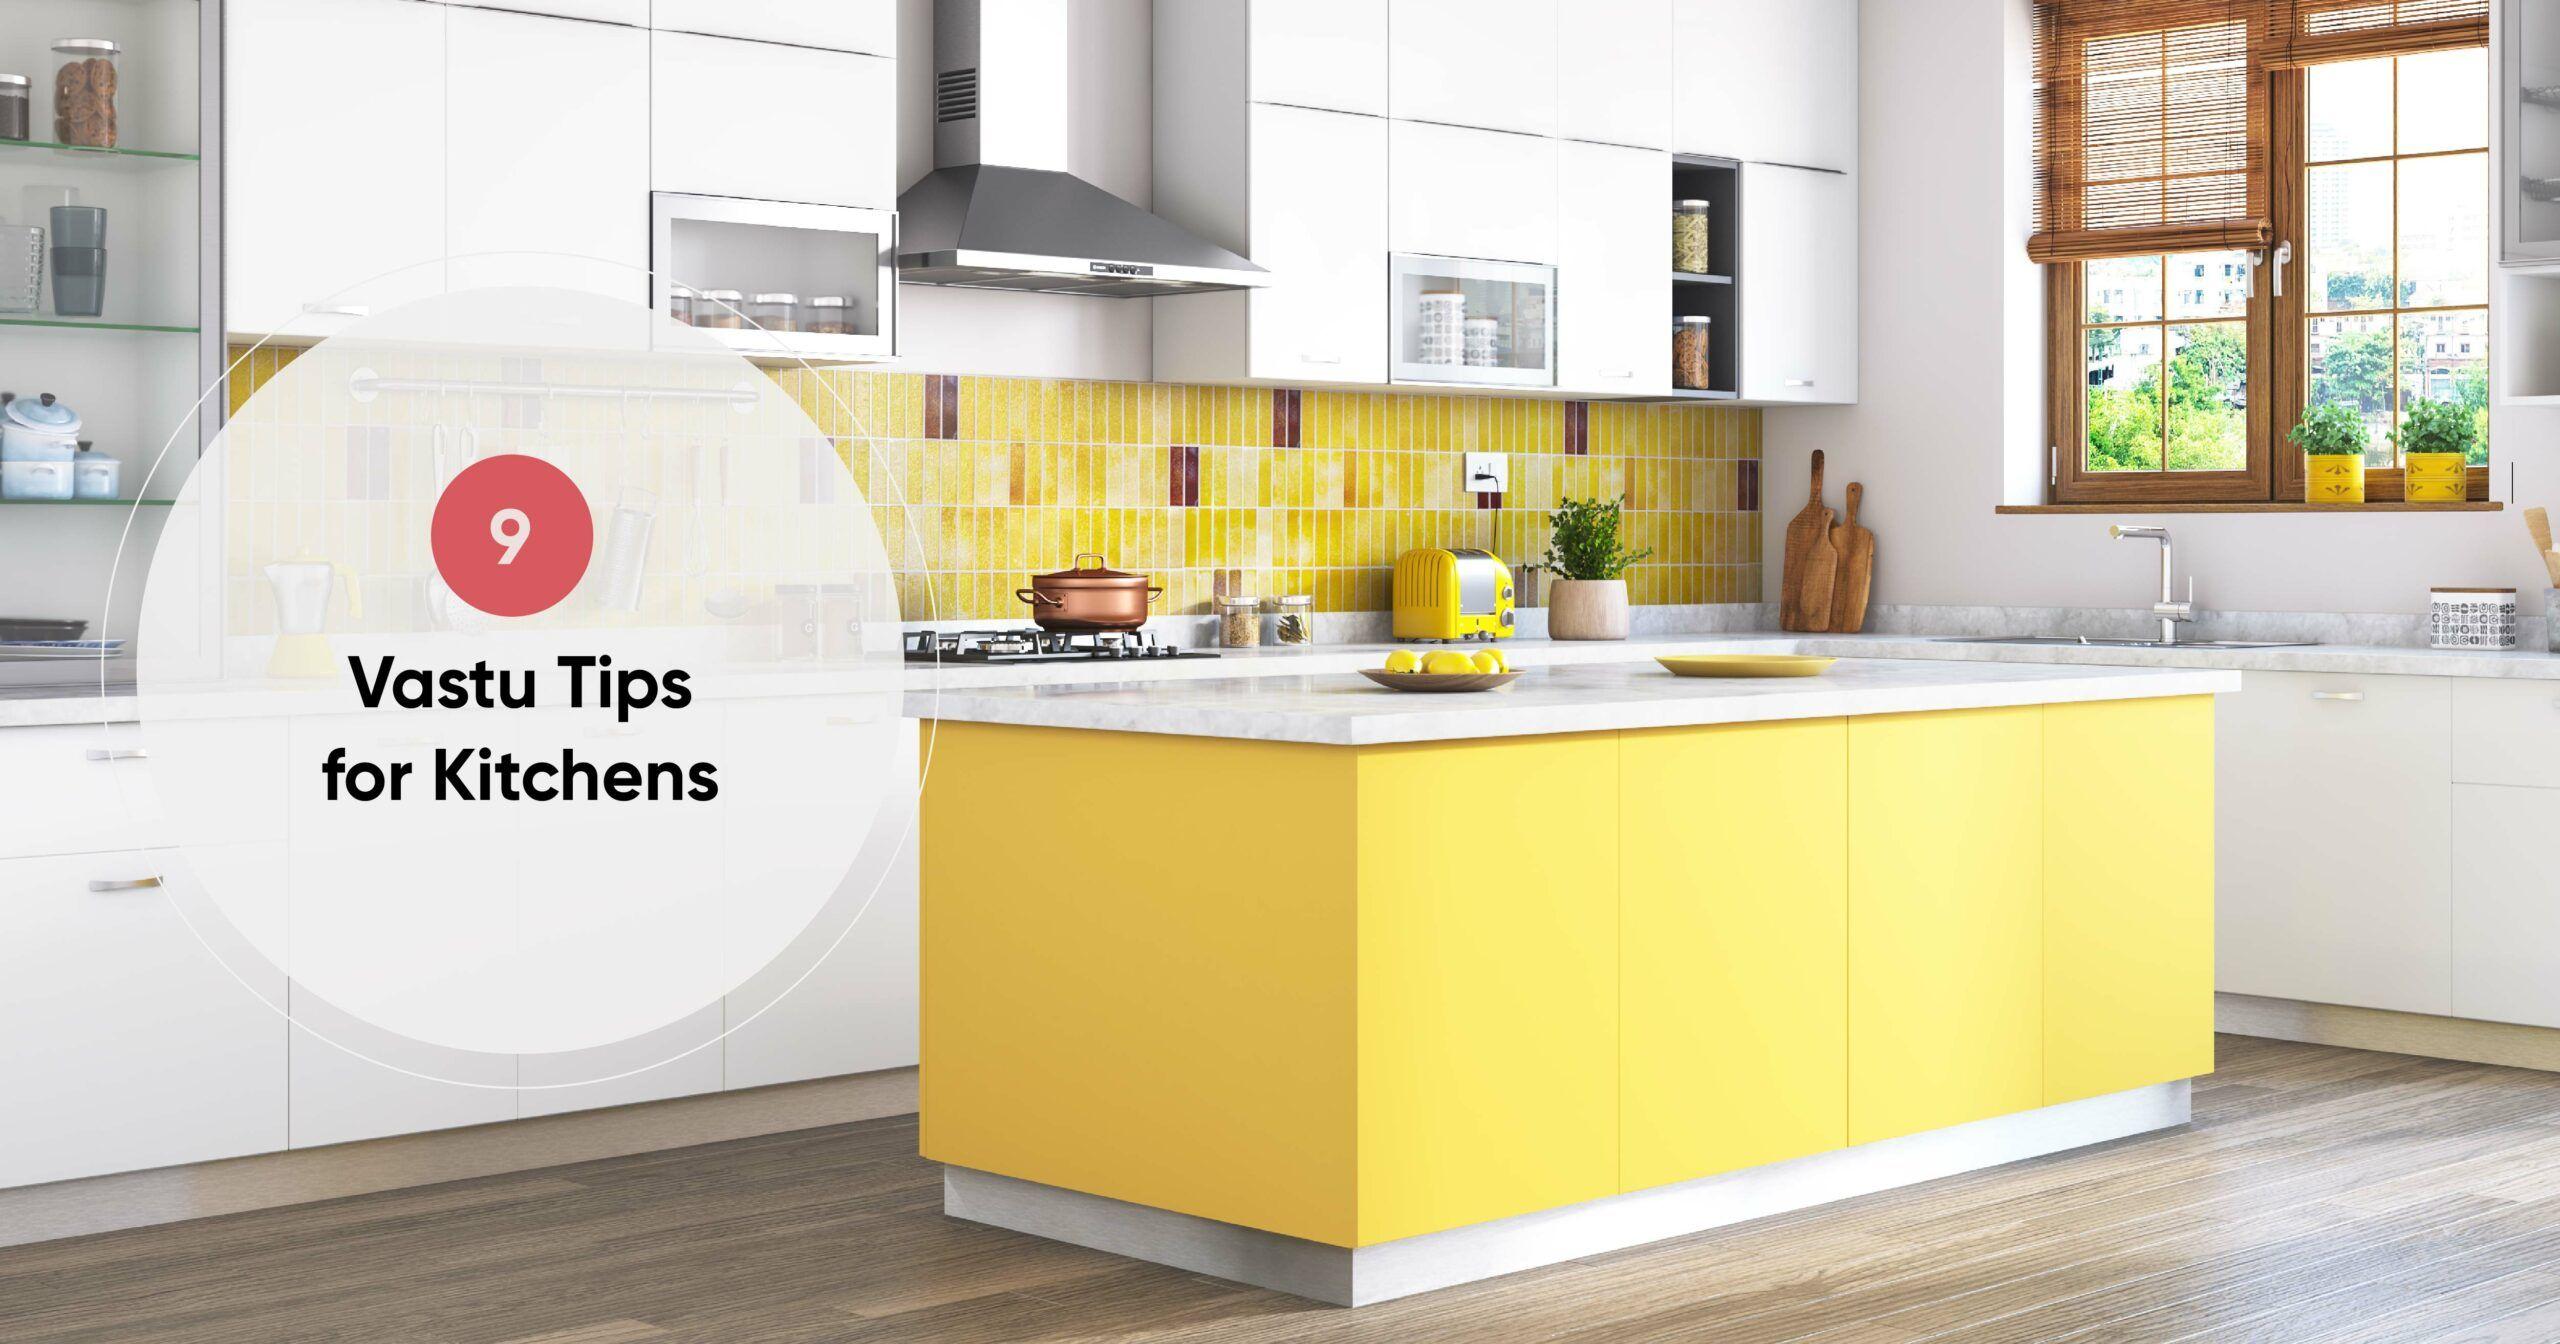 How to Design a Vastu-friendly Kitchen?